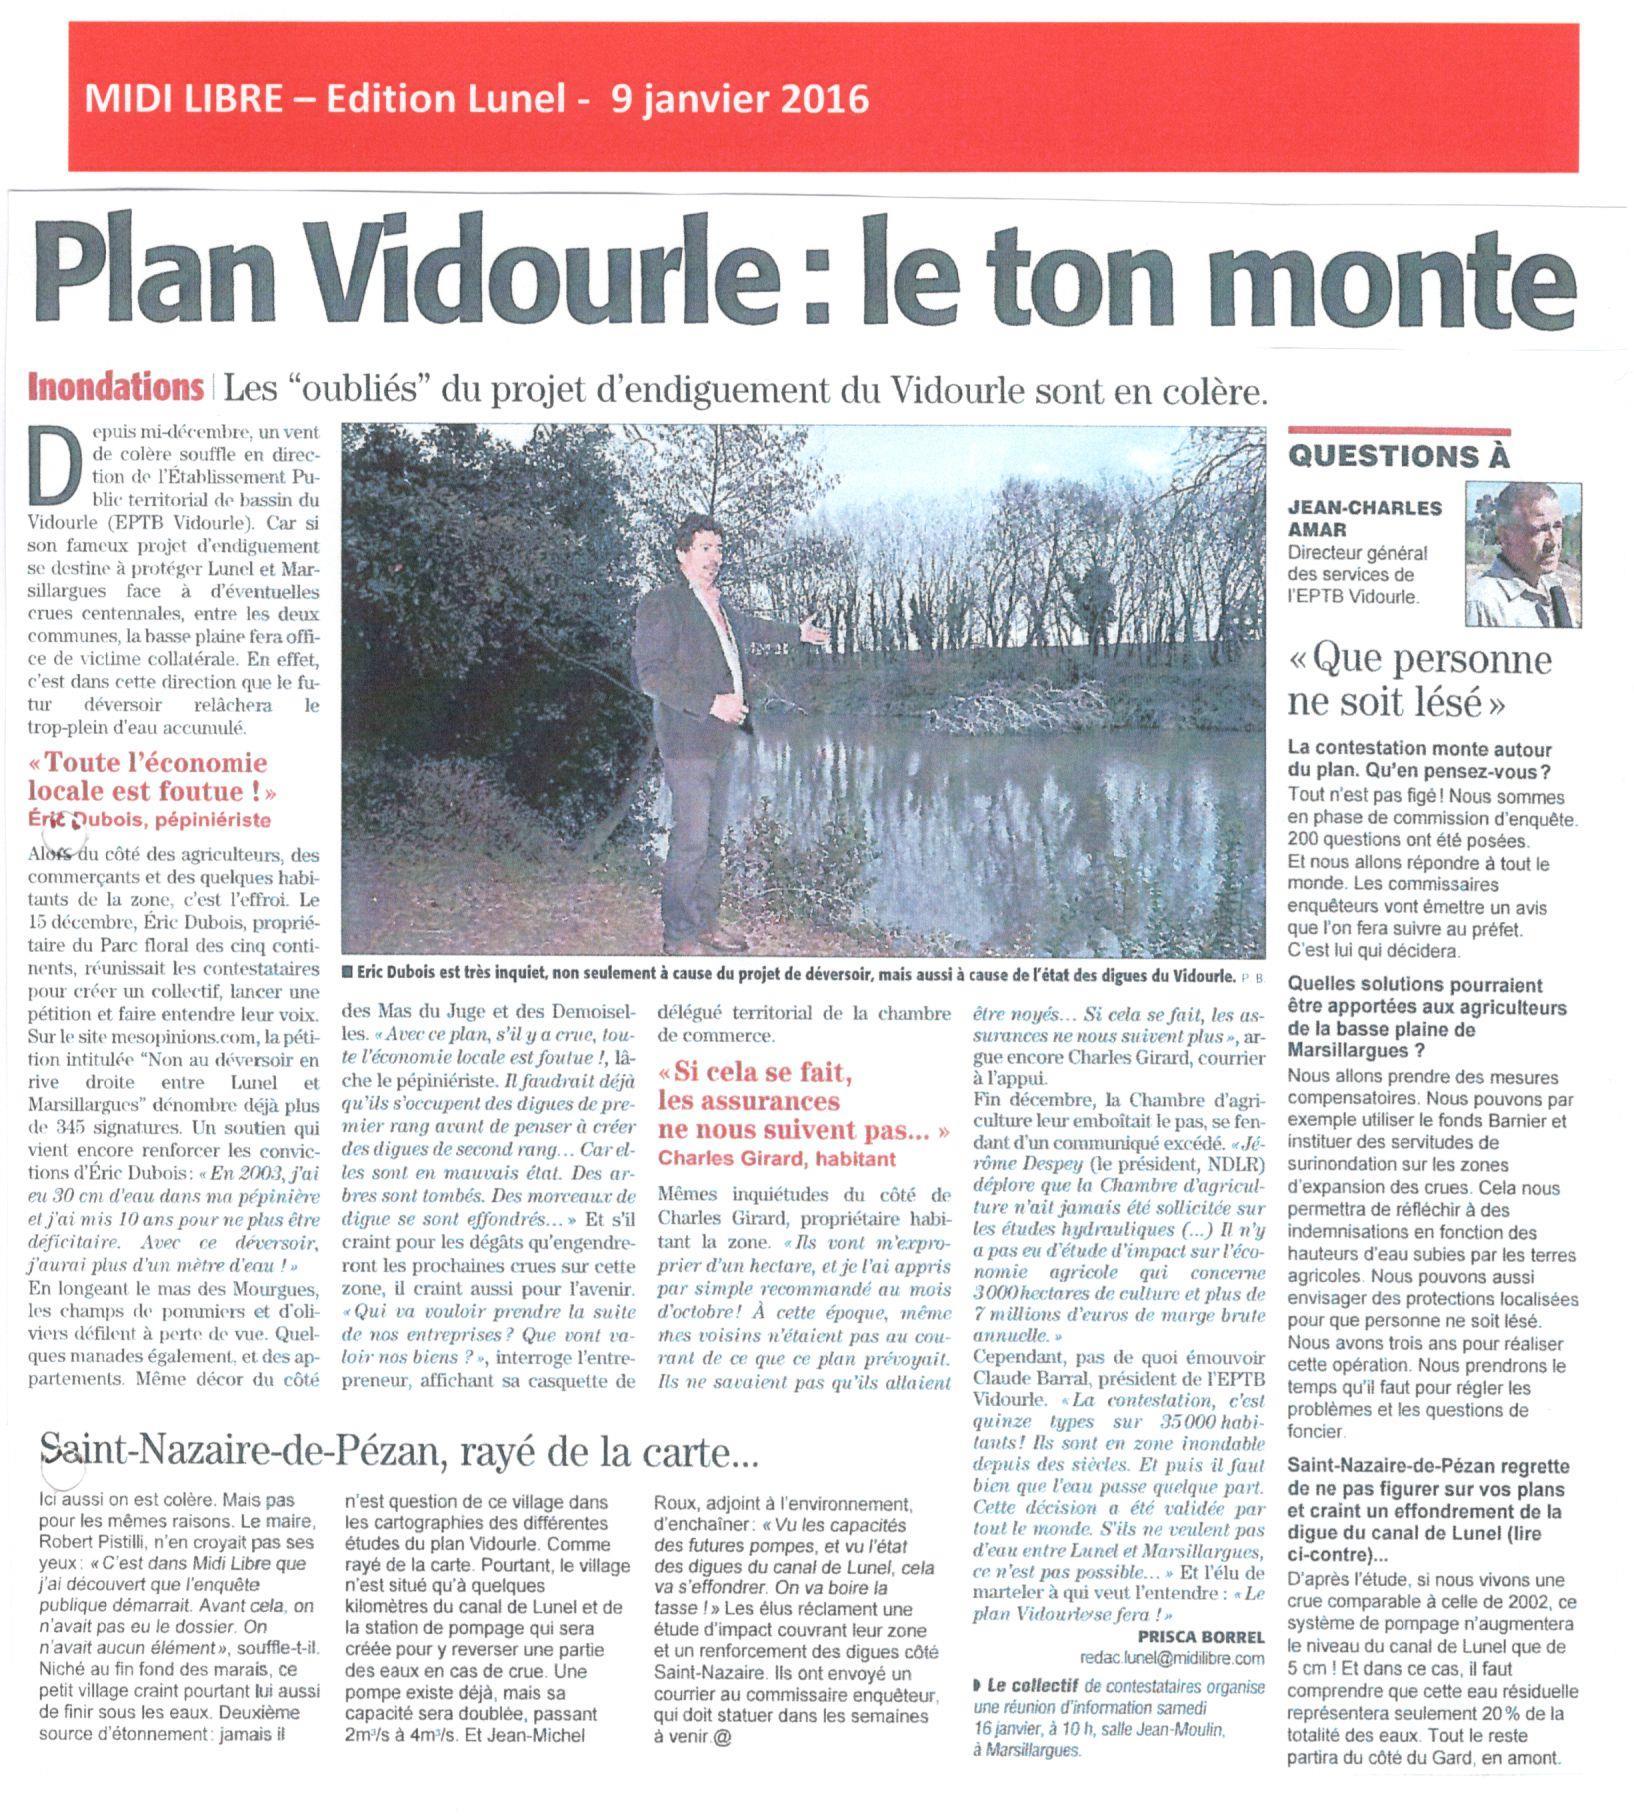 Plan Vidourle : questions à Jean-Charles AMAR, DGS de l'EPTB Vidourle sur le projet d'endiguement